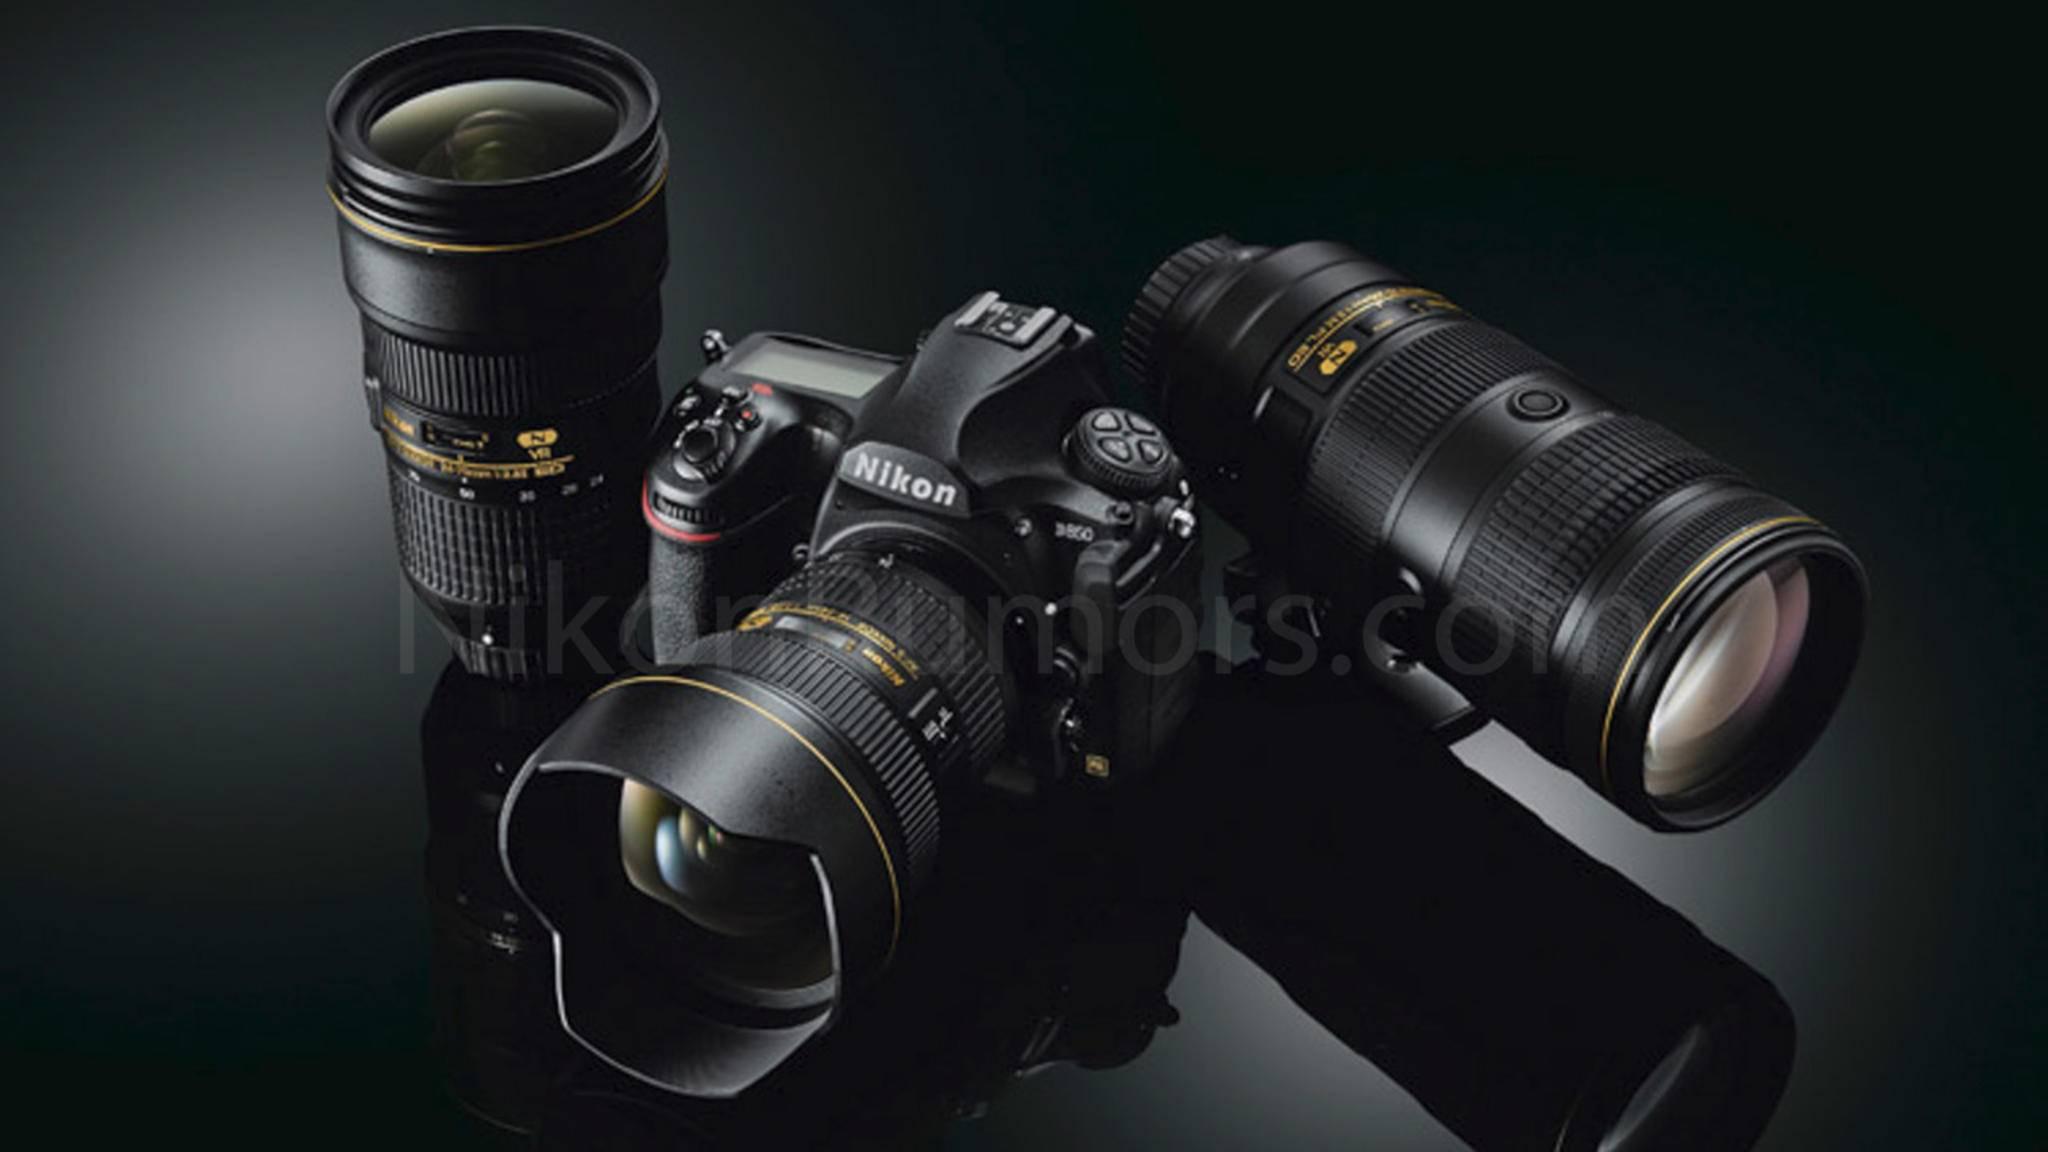 Alle Informationen und Pressebilder zur Nikon D850 sind bereits vor der offiziellen Präsentation durchgesickert.